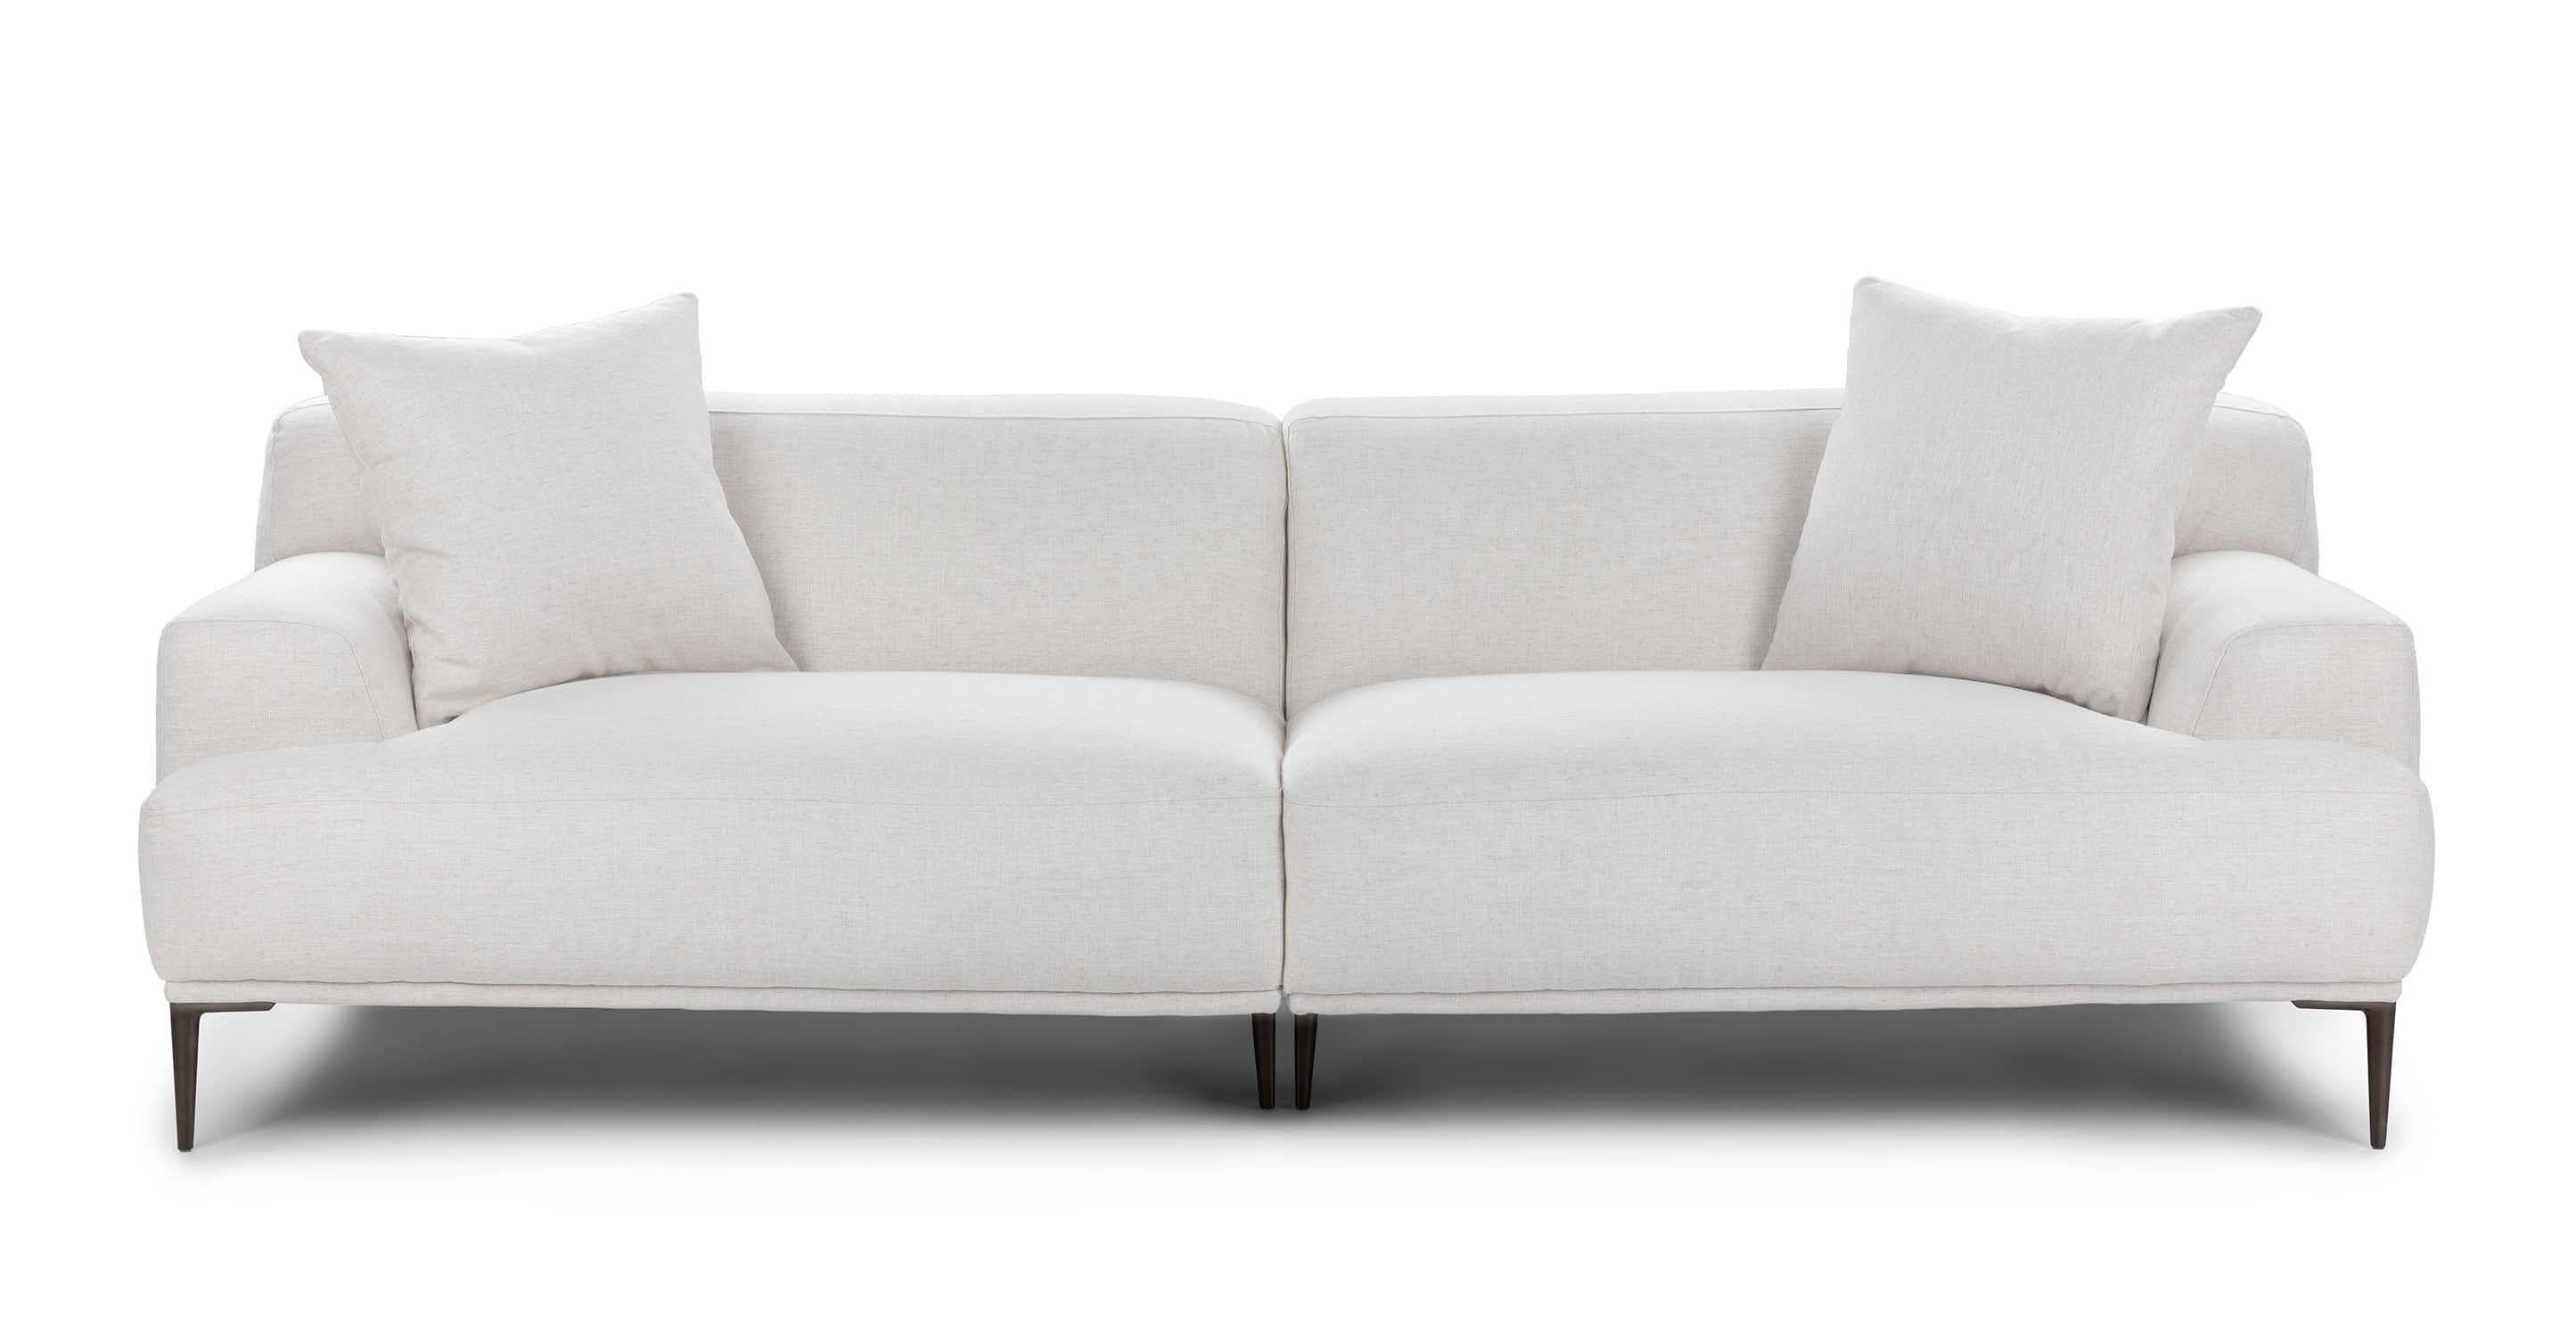 Best Abisko Quartz White Sofa Contemporary Decor Living Room 400 x 300